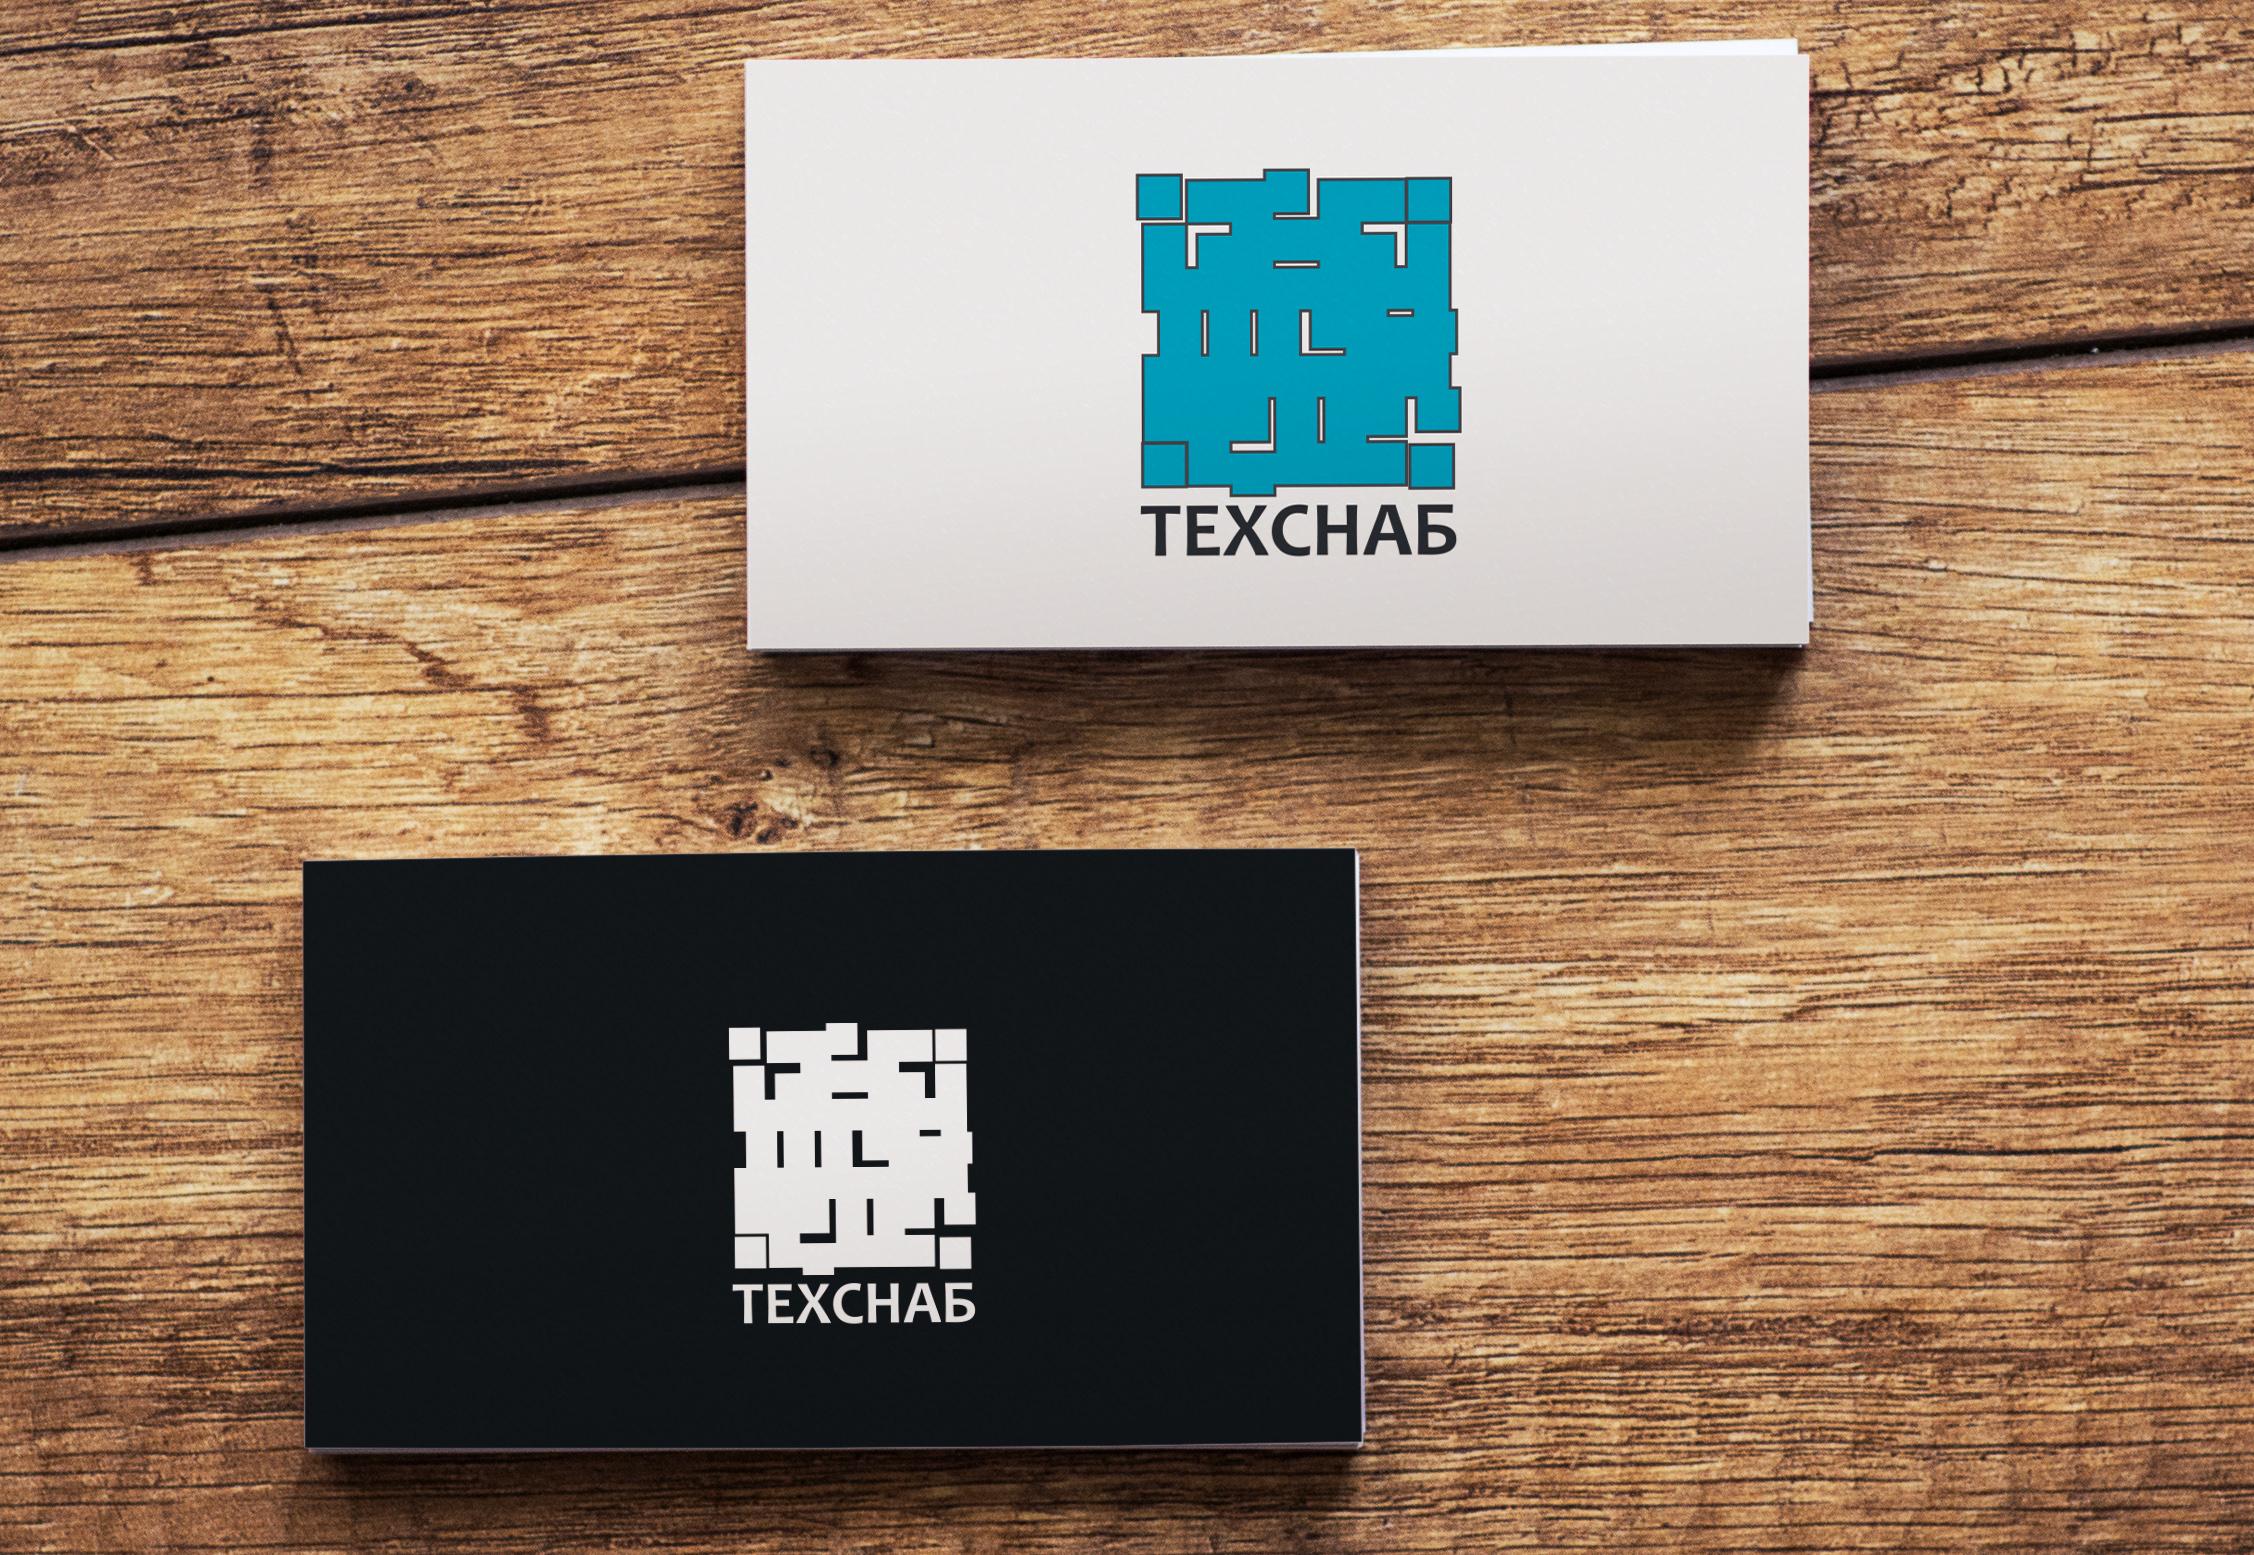 Разработка логотипа и фирм. стиля компании  ТЕХСНАБ фото f_5735b1ad18f0d56a.jpg